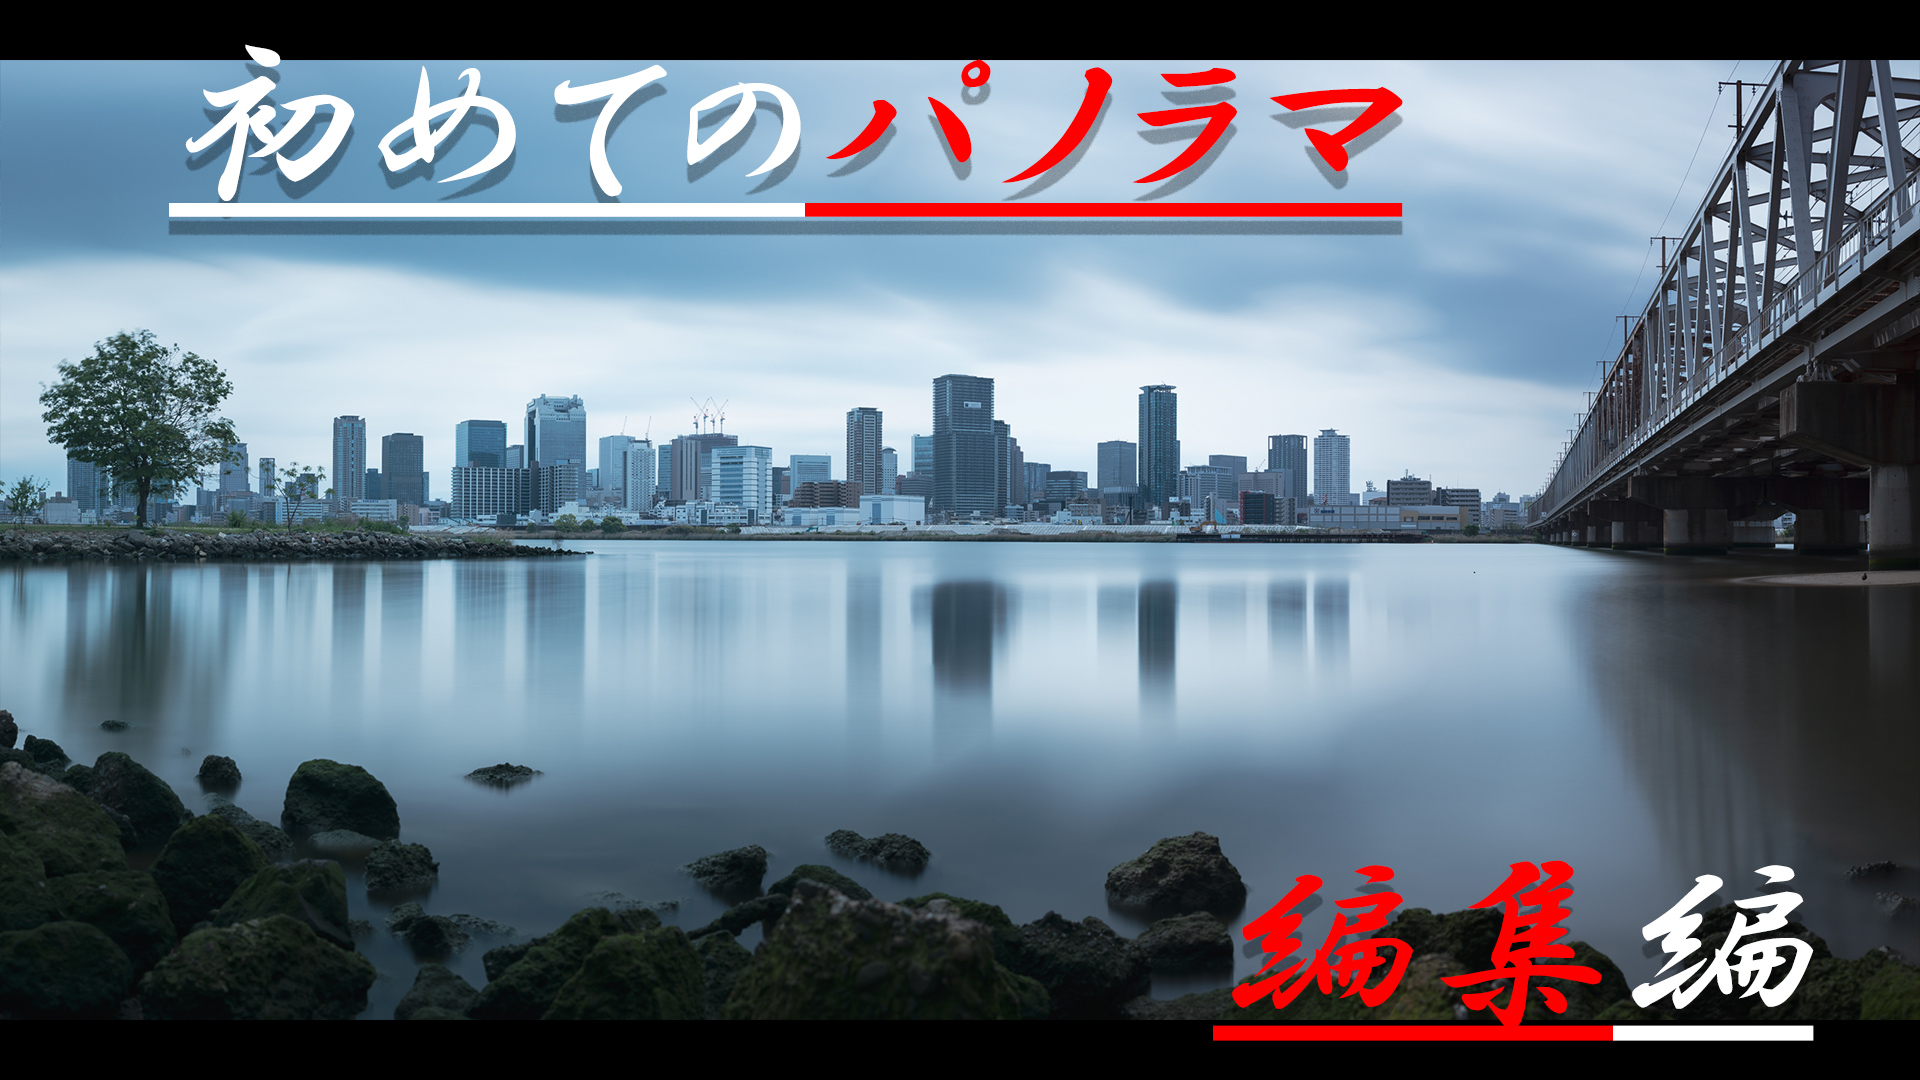 淀川河川敷からのパノラマ写真